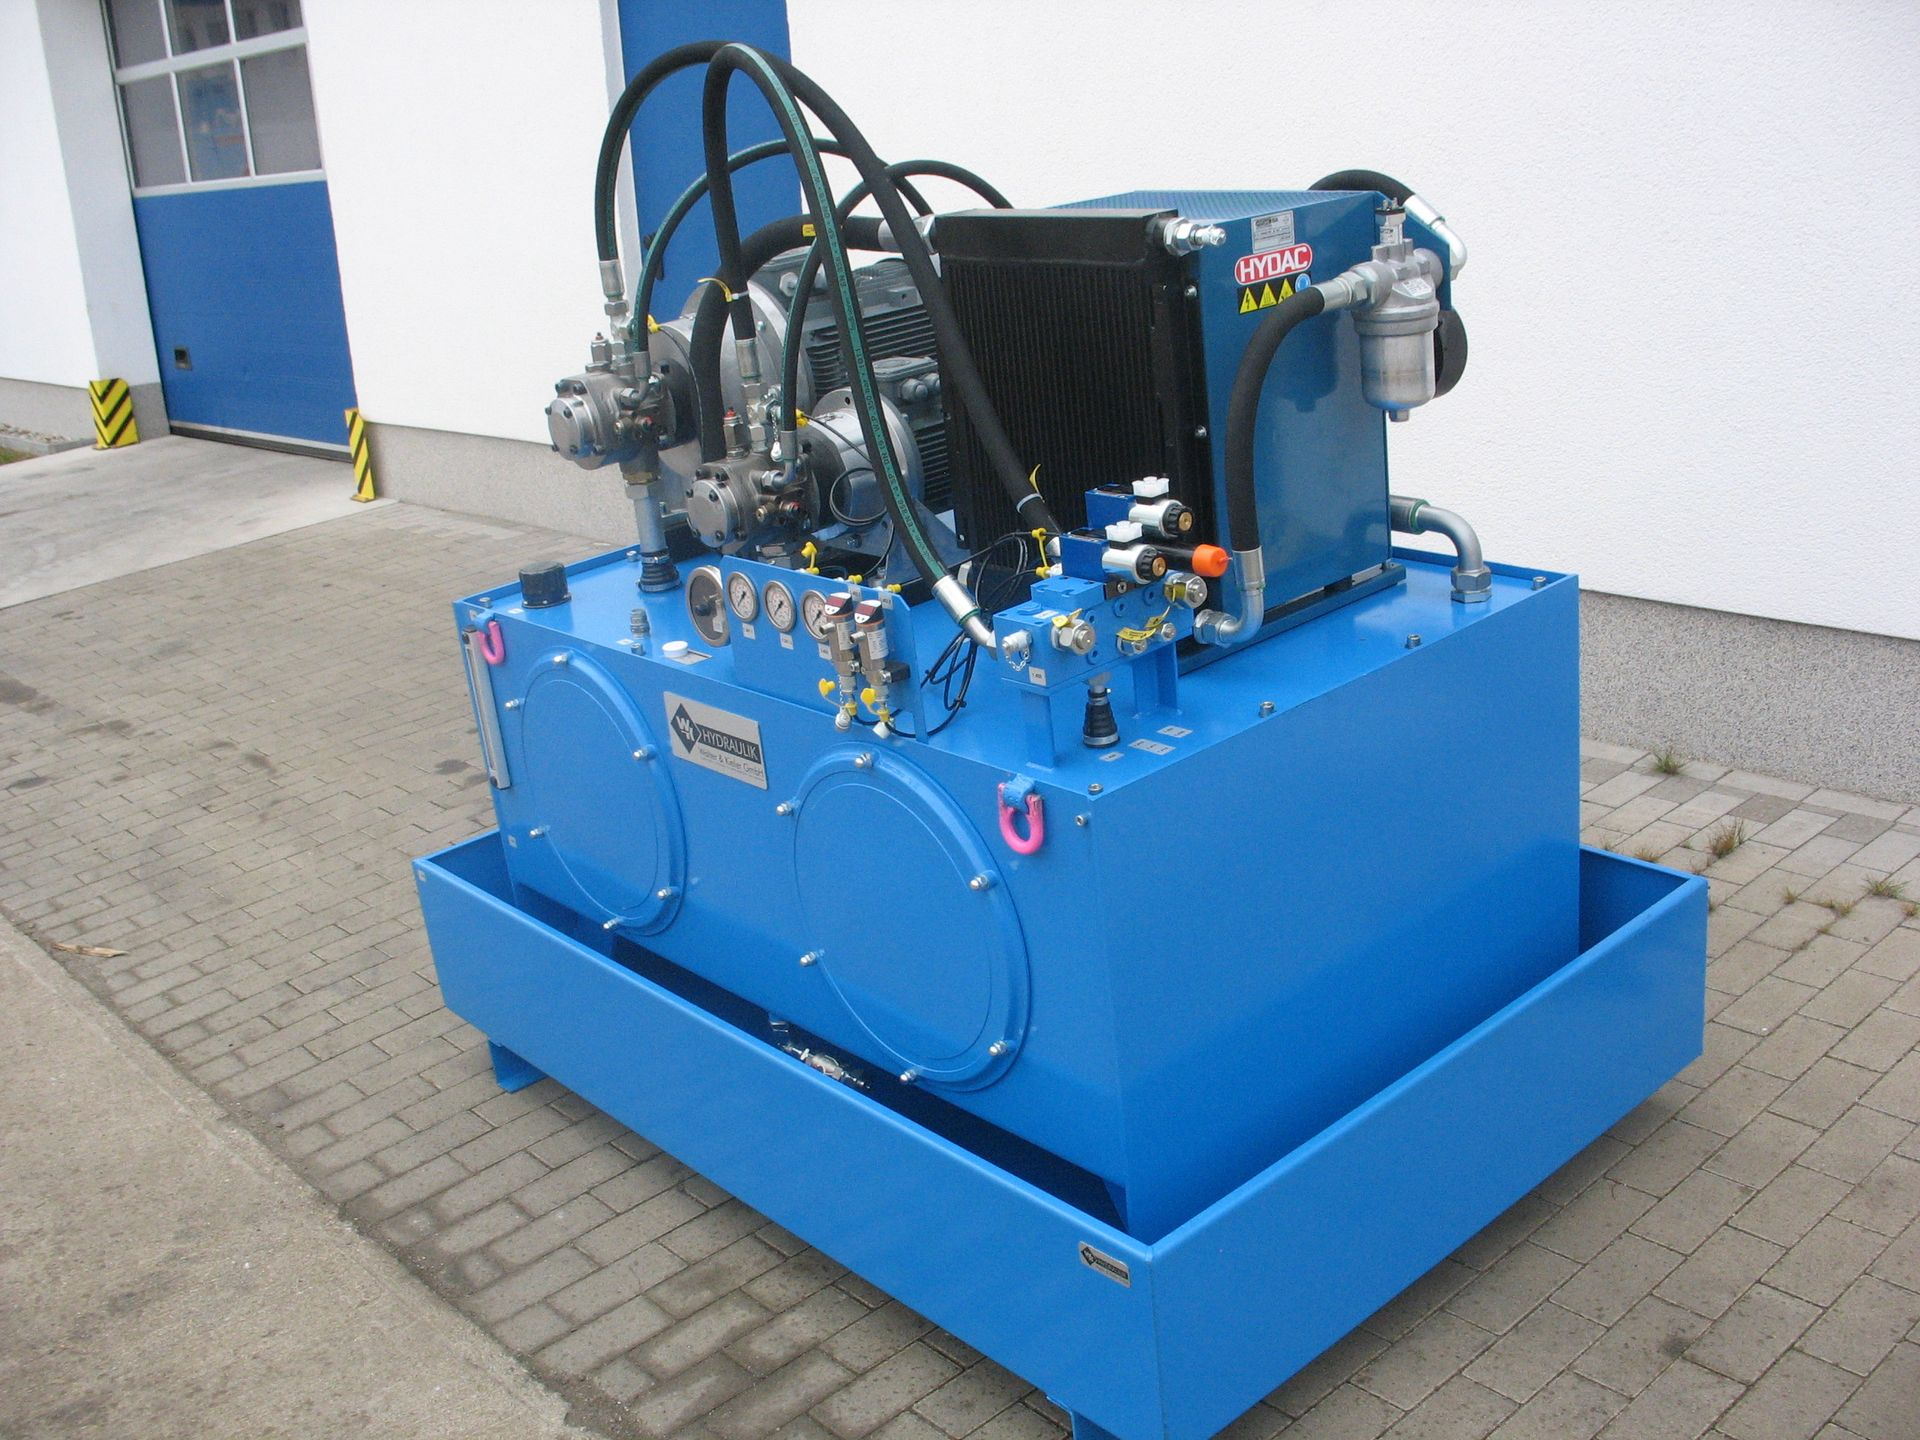 Ein blaues Hydraulikaggregat vor dem Versand